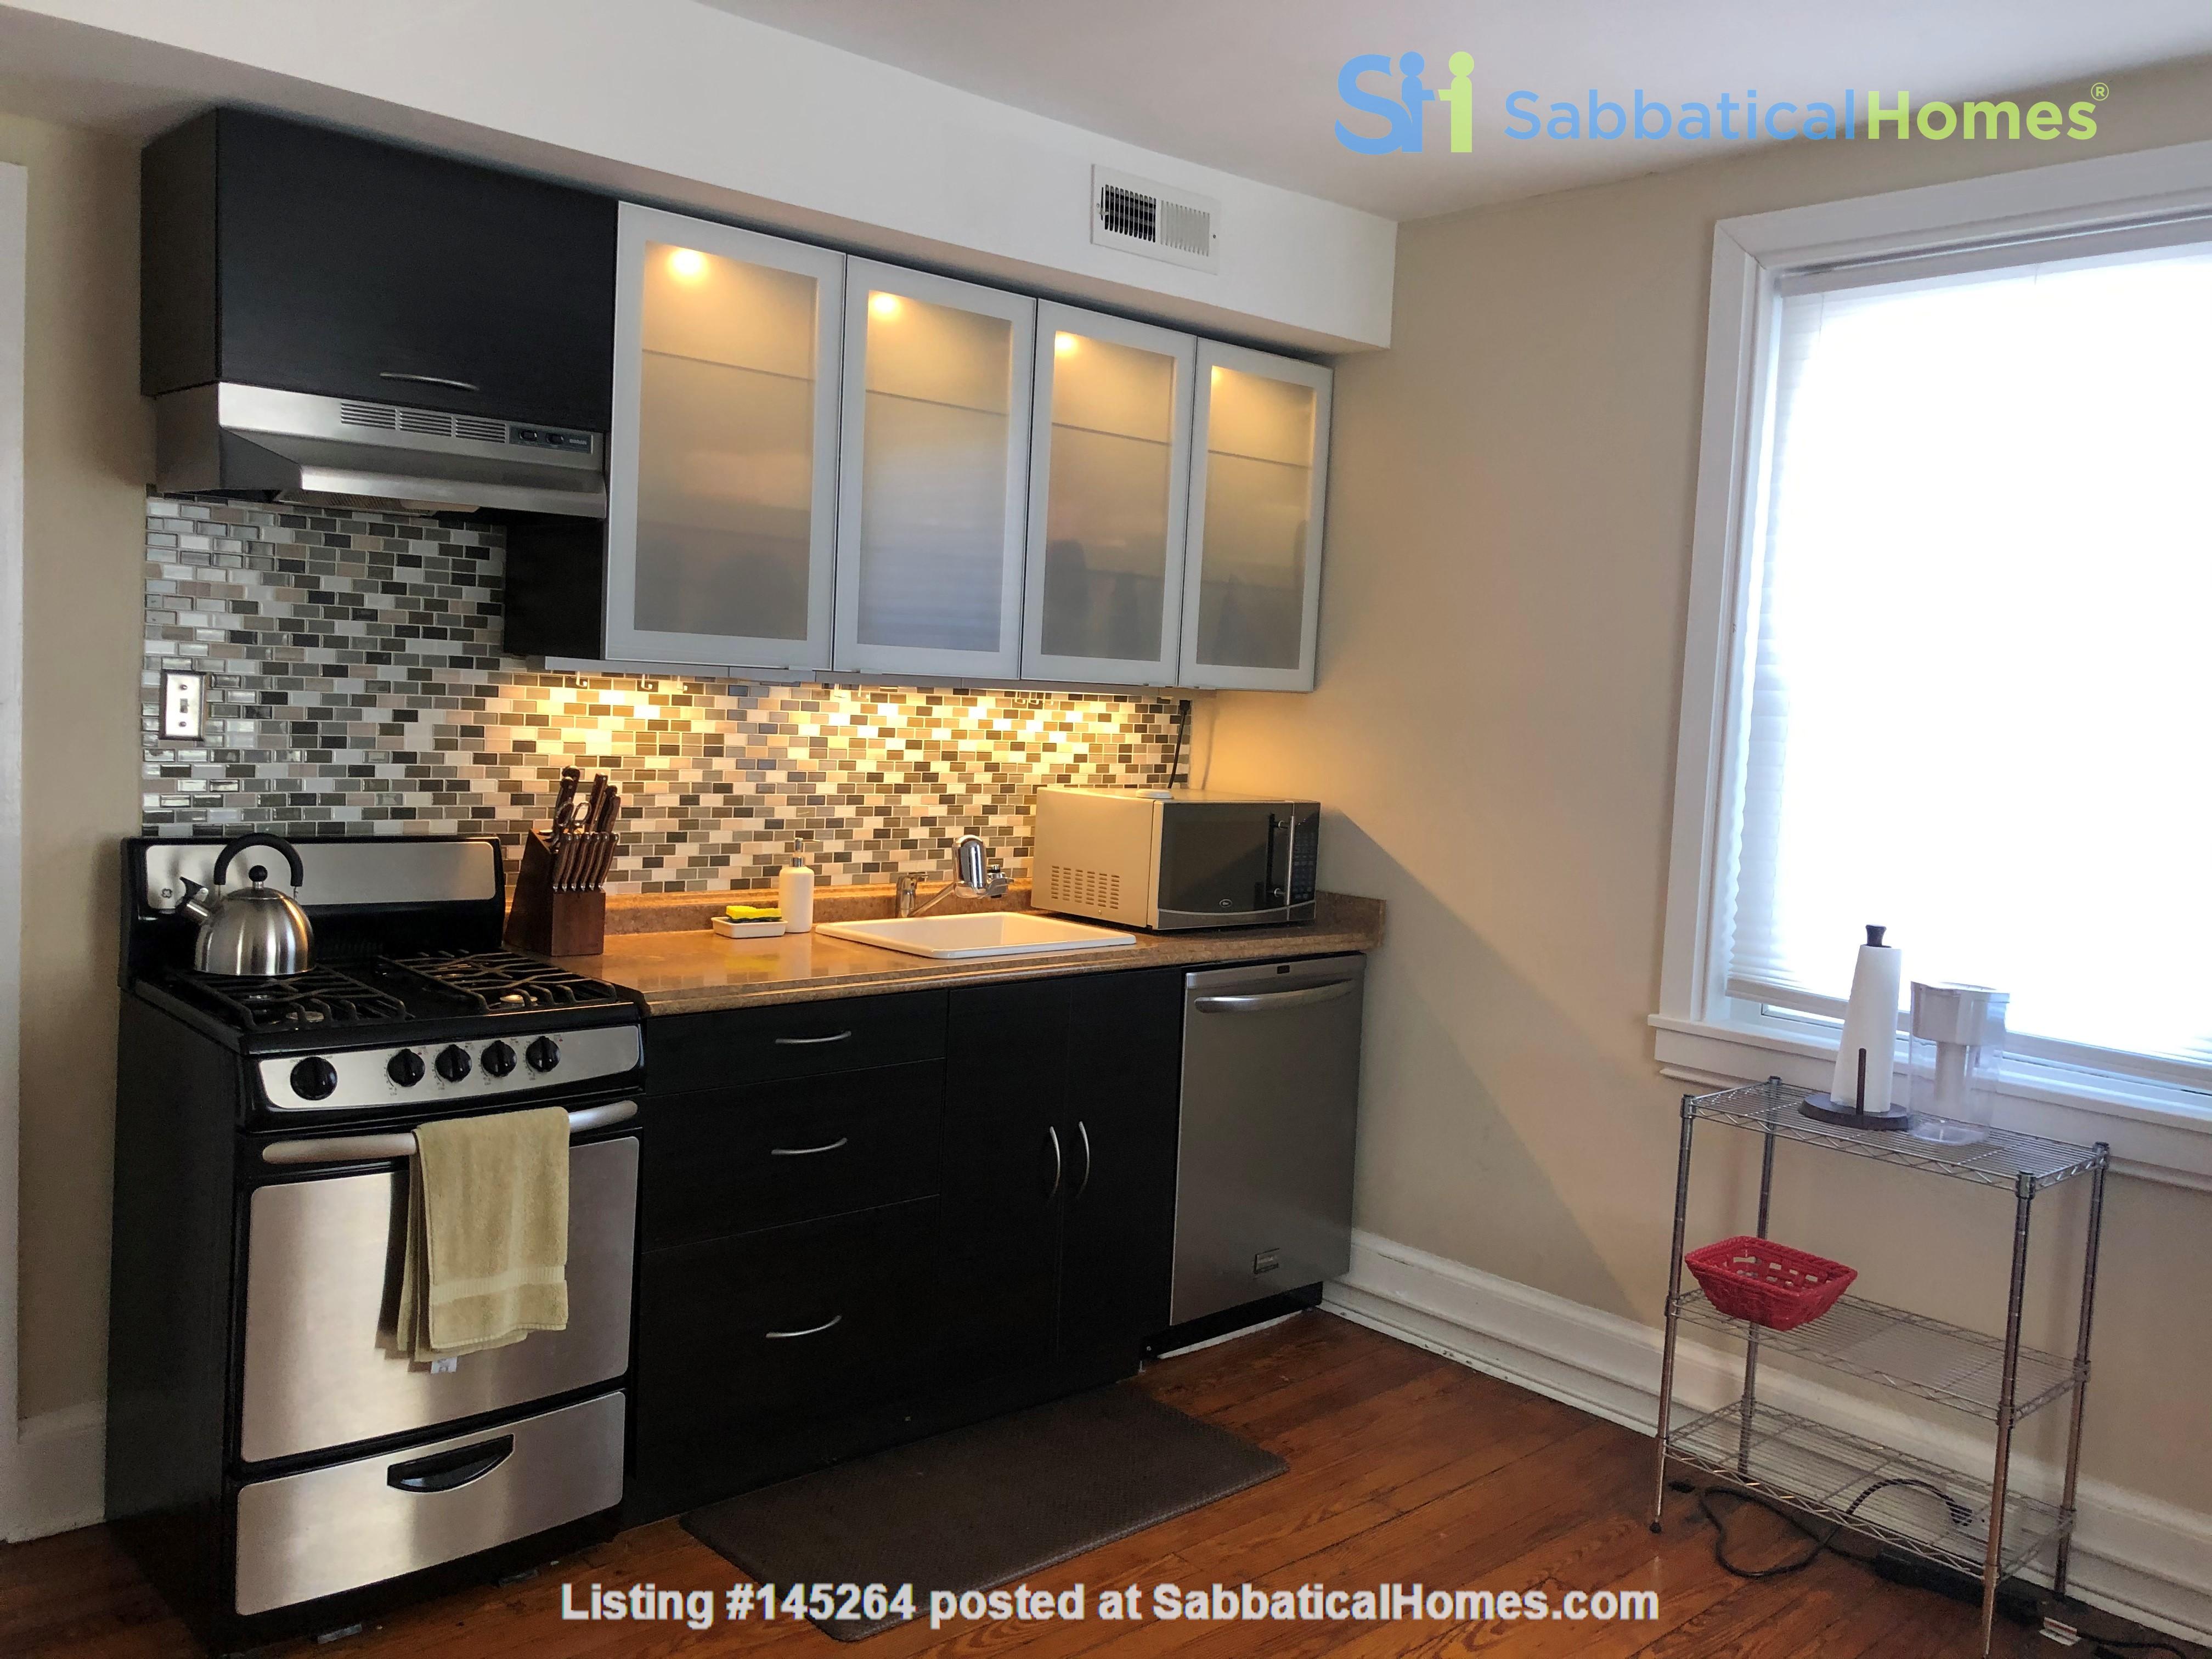 3 beds / 1 bath upper duplex in Bryn Mawr, PA Home Rental in Bryn Mawr, Pennsylvania, United States 1